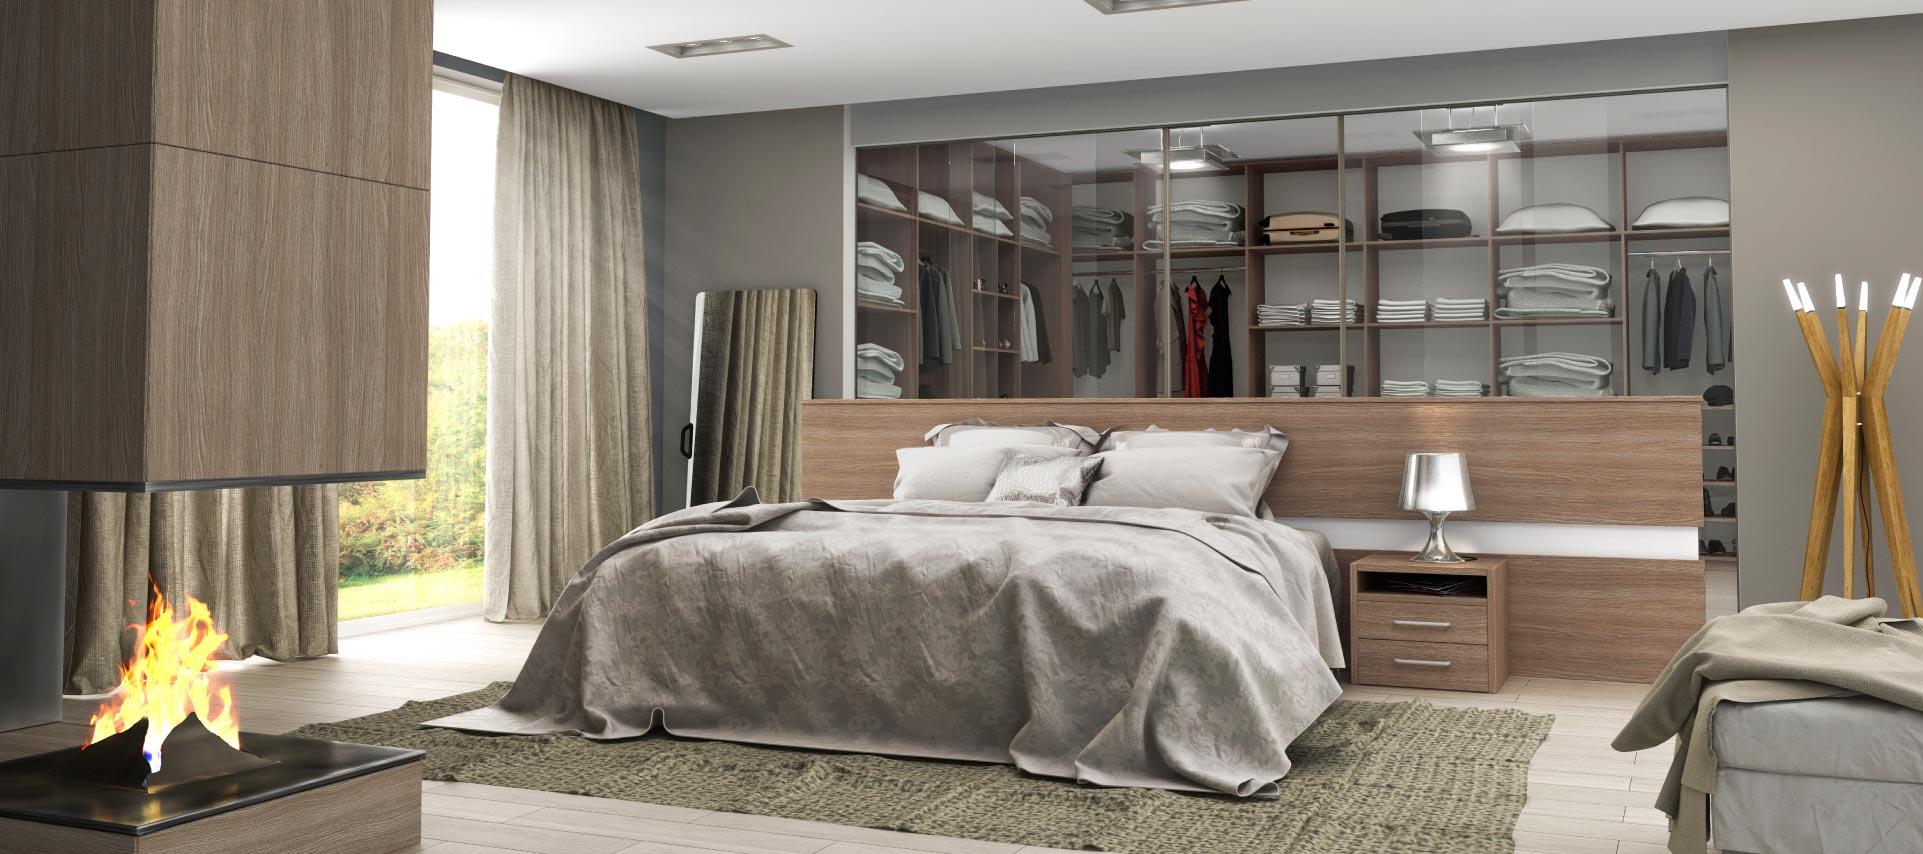 http://www.decor8planejados.com.br/wp-content/uploads/2016/03/dormitorio-planejado-moveis-planejados-decor8-2.jpg